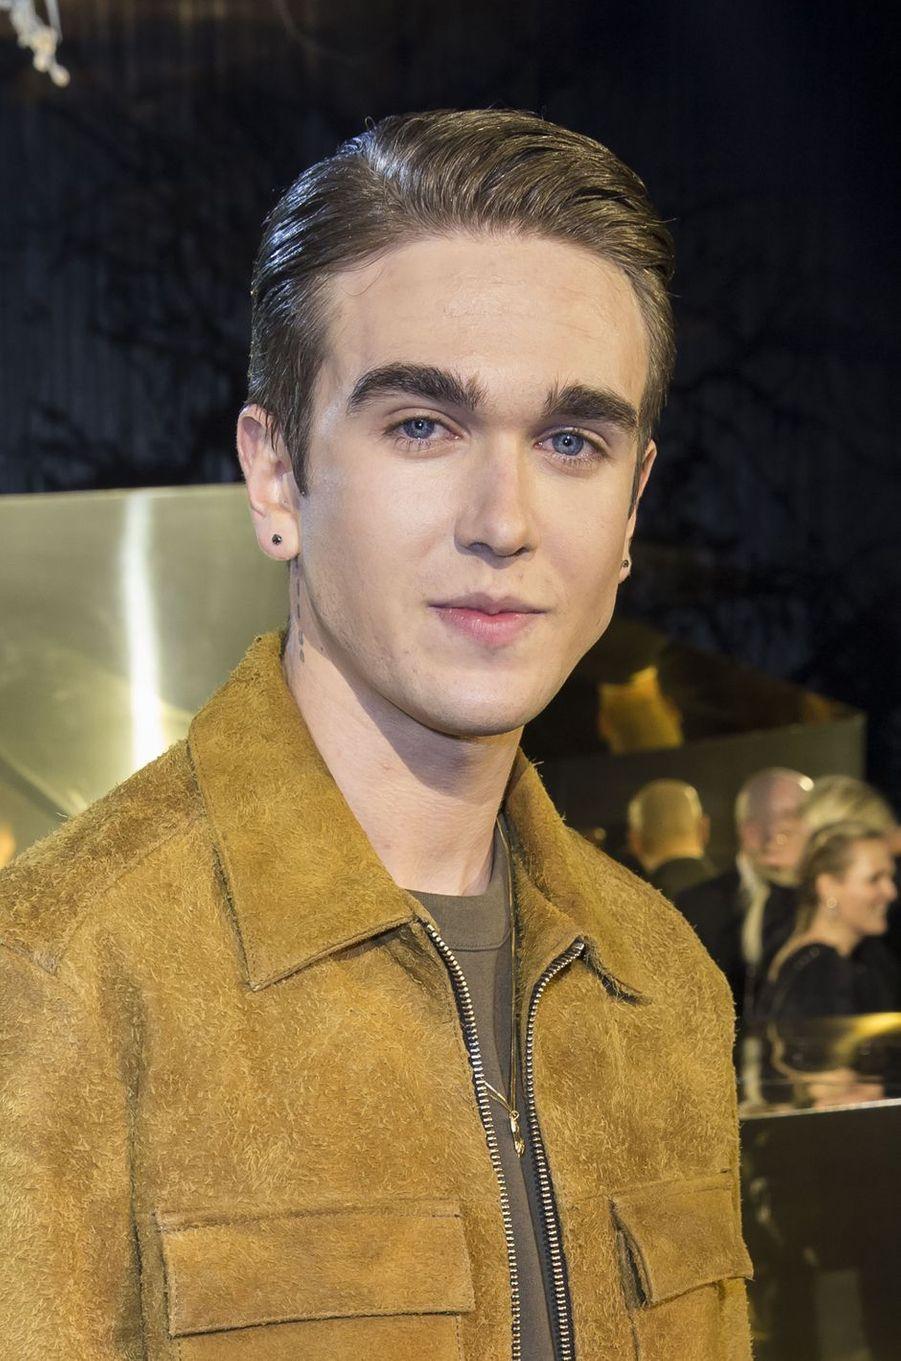 Gabriel-Kane Day-Lewis à Paris le 2 mars 2016